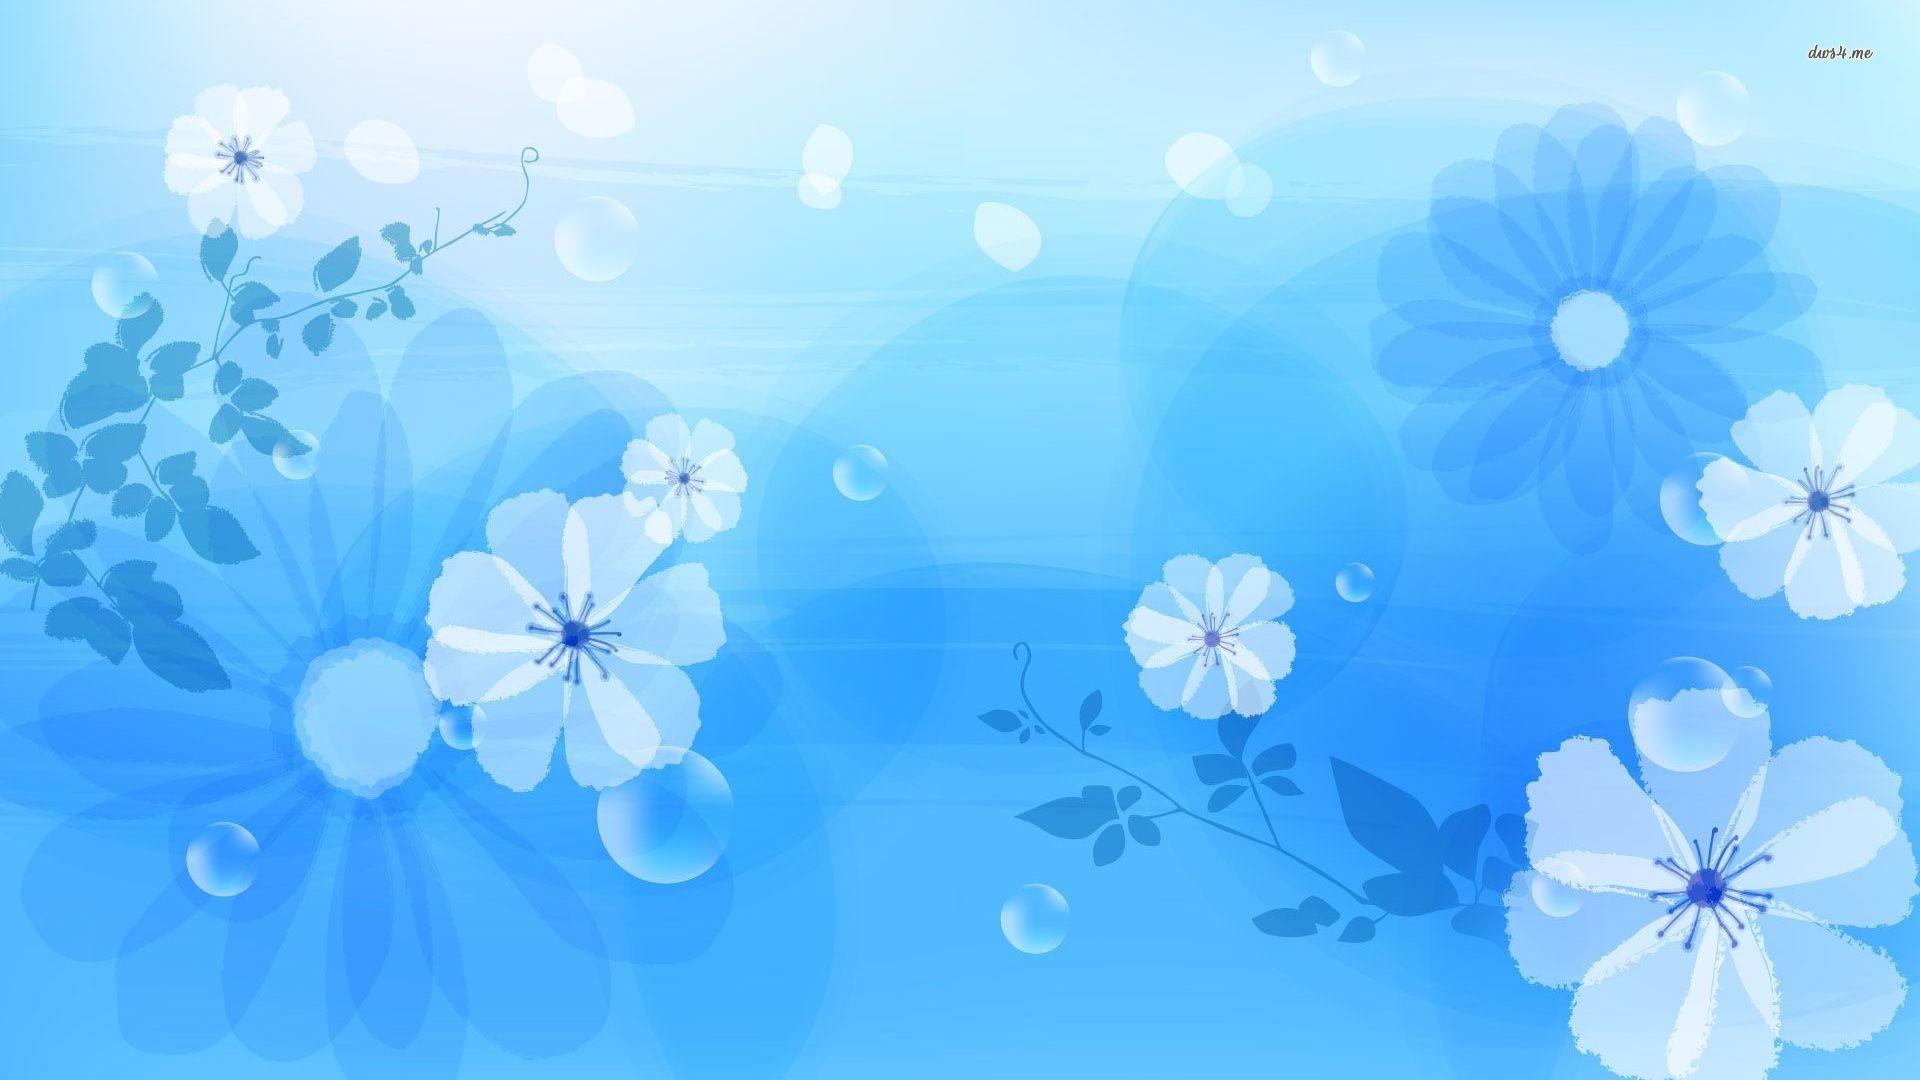 Compaq <b>Light Blue Wallpapers</b>